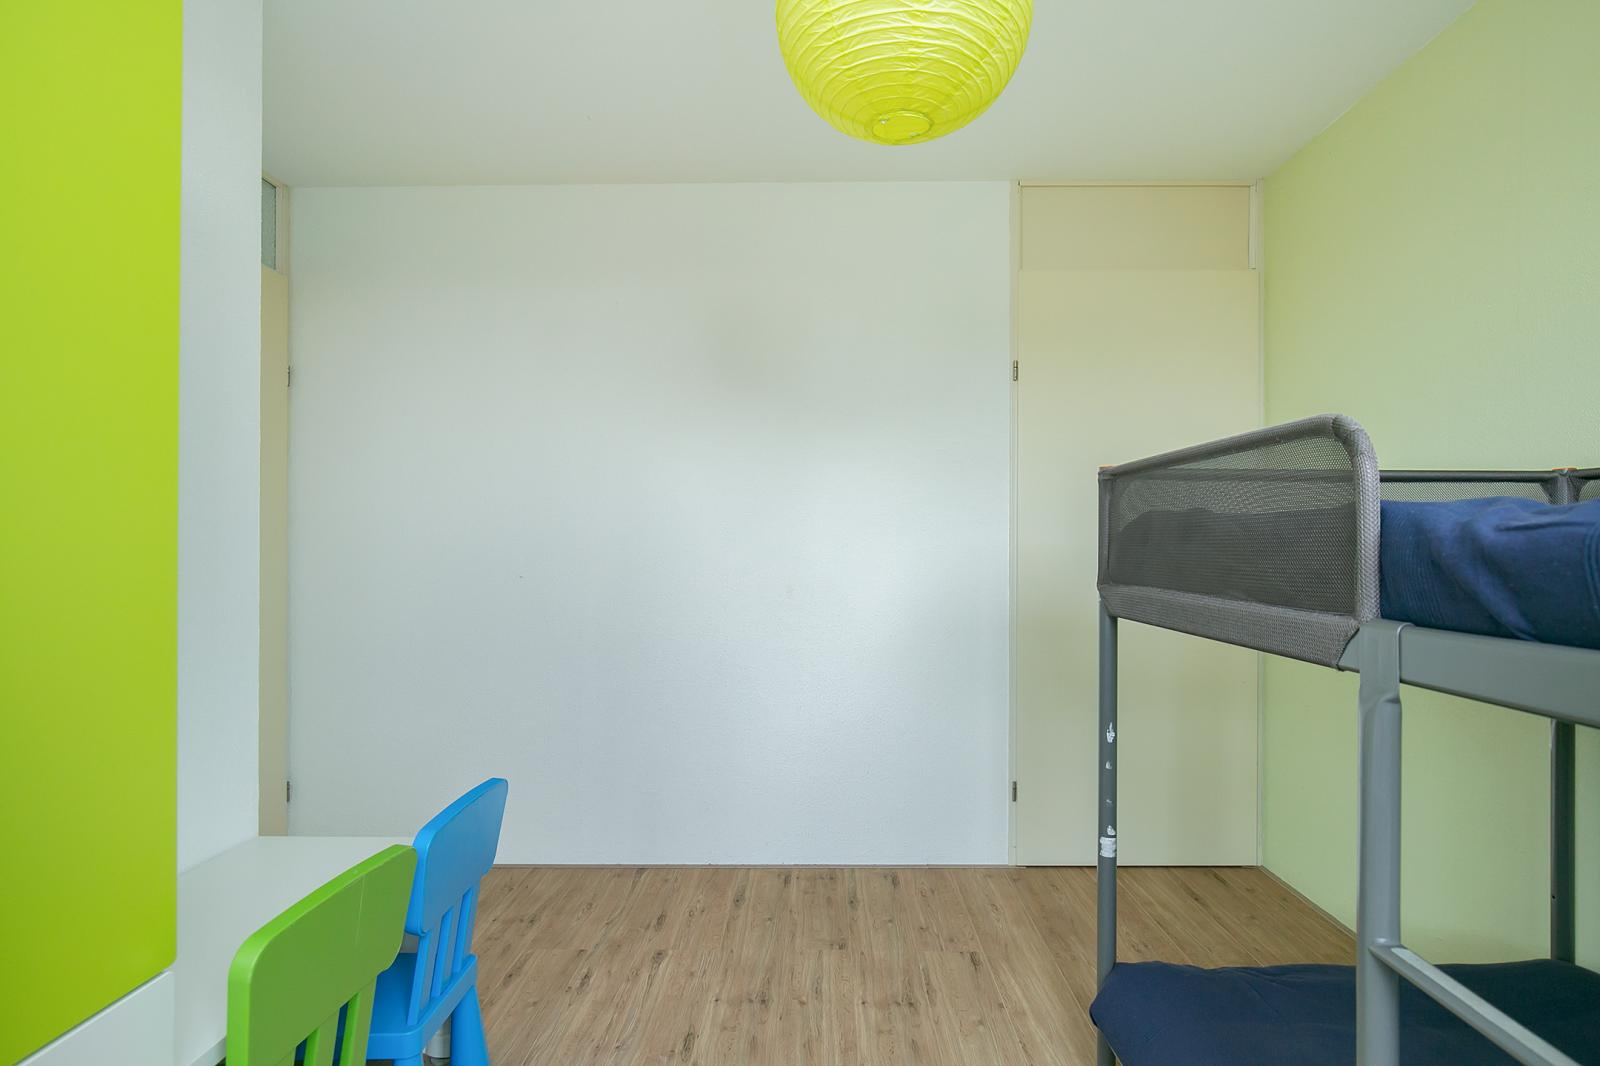 croleskwartier-112-ijlst-829